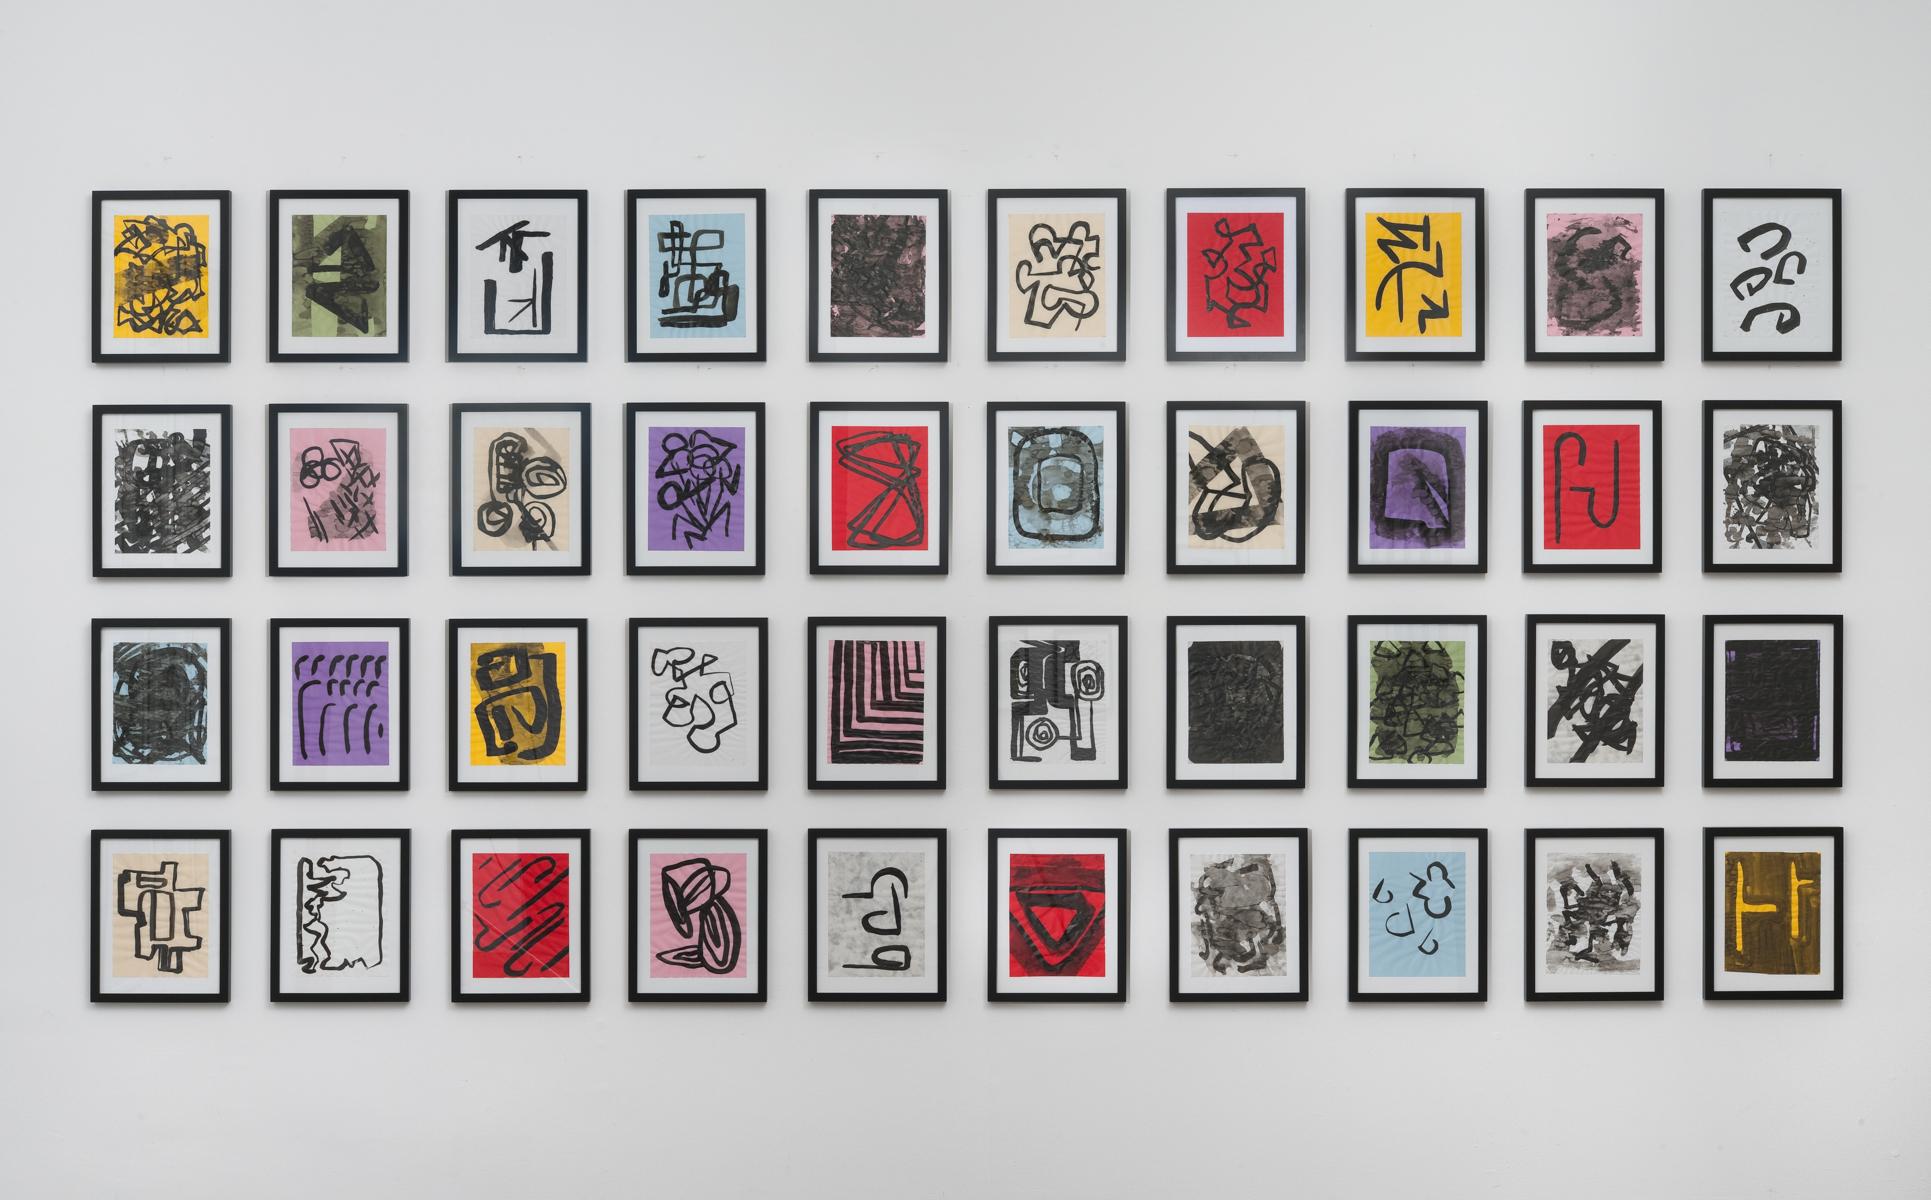 40 framed drawings